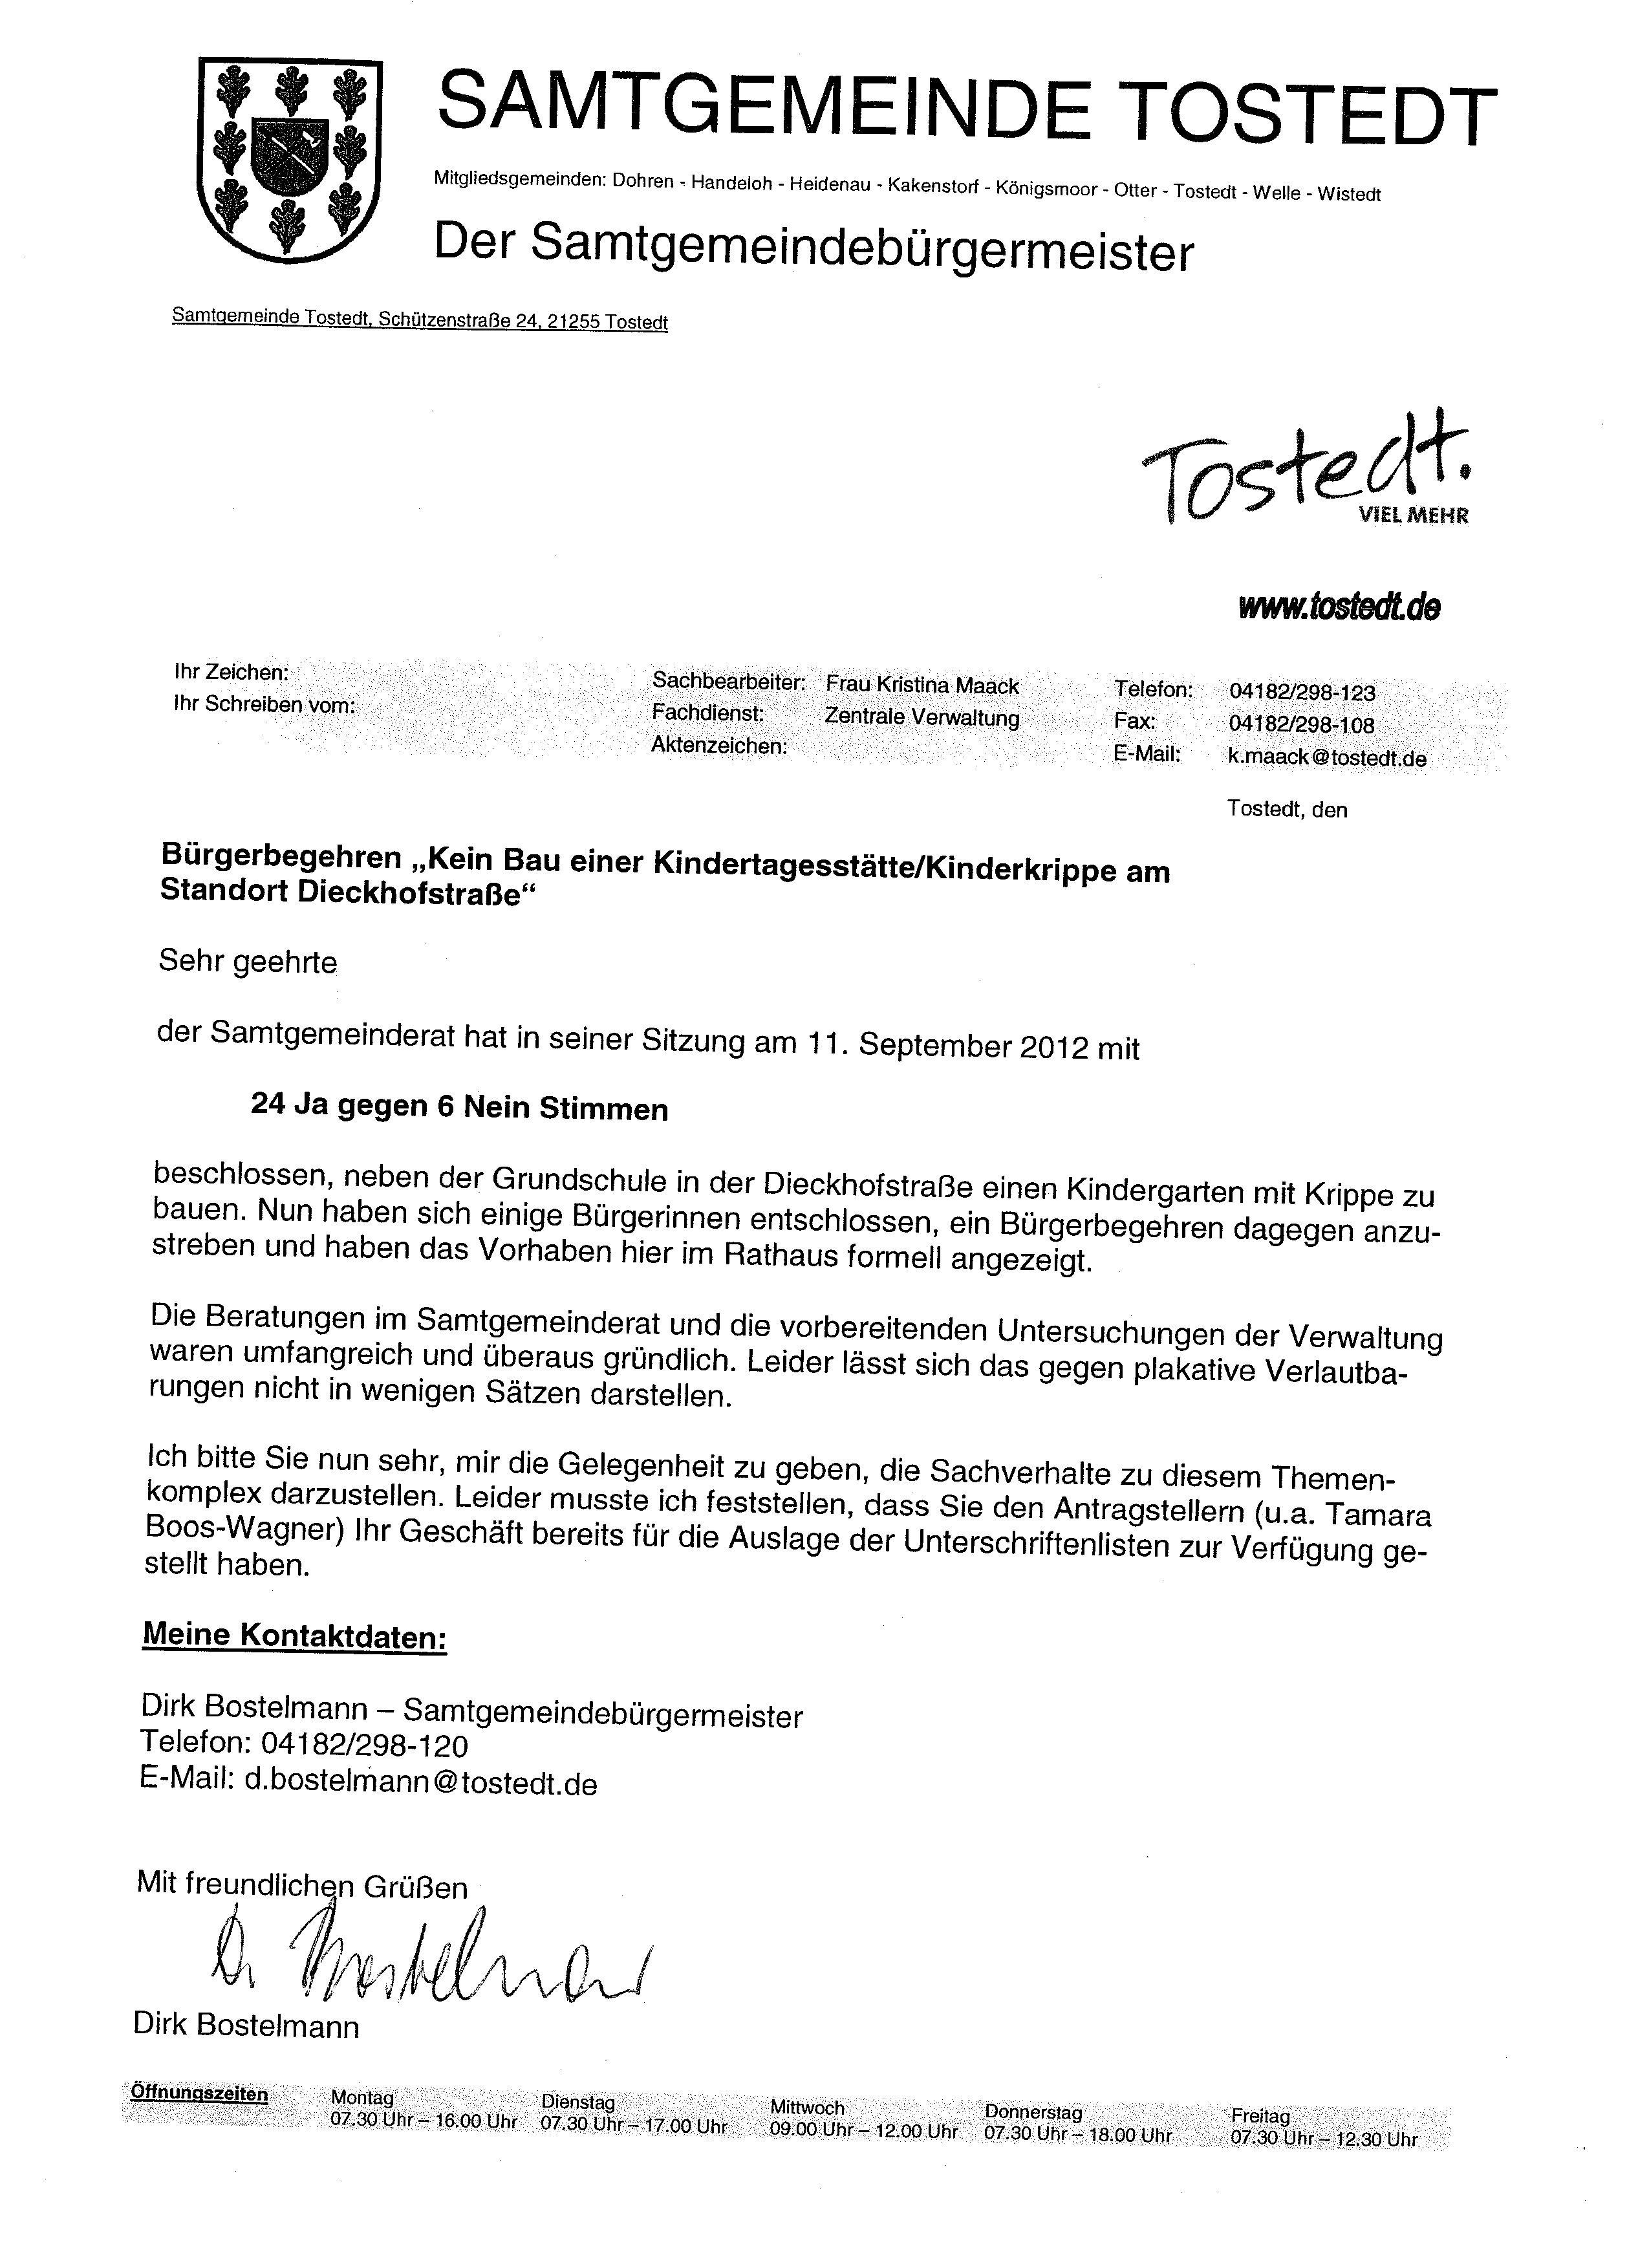 Briefe des Samtgemeindebürgermeisters | Historisches